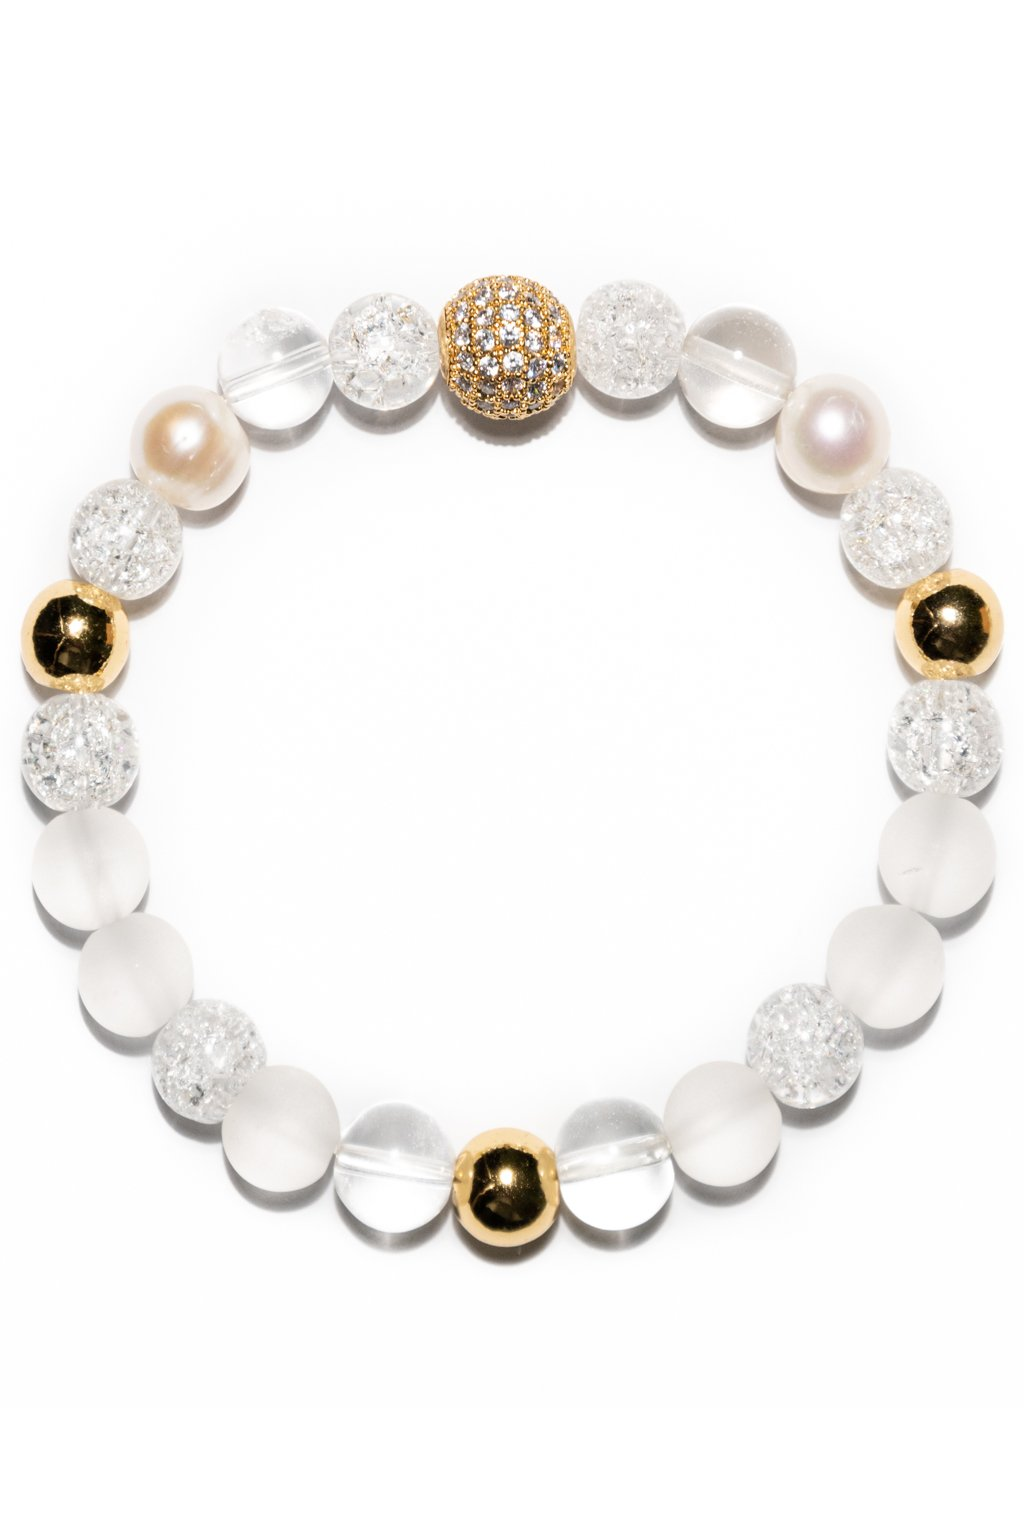 Dámsky náramok z minerálov krištáľ, riečna perla, doplnený zlatými nerezovými guľkami a mosadzným komponentom v zlatej úprave s vkladanými CZ zirkómni